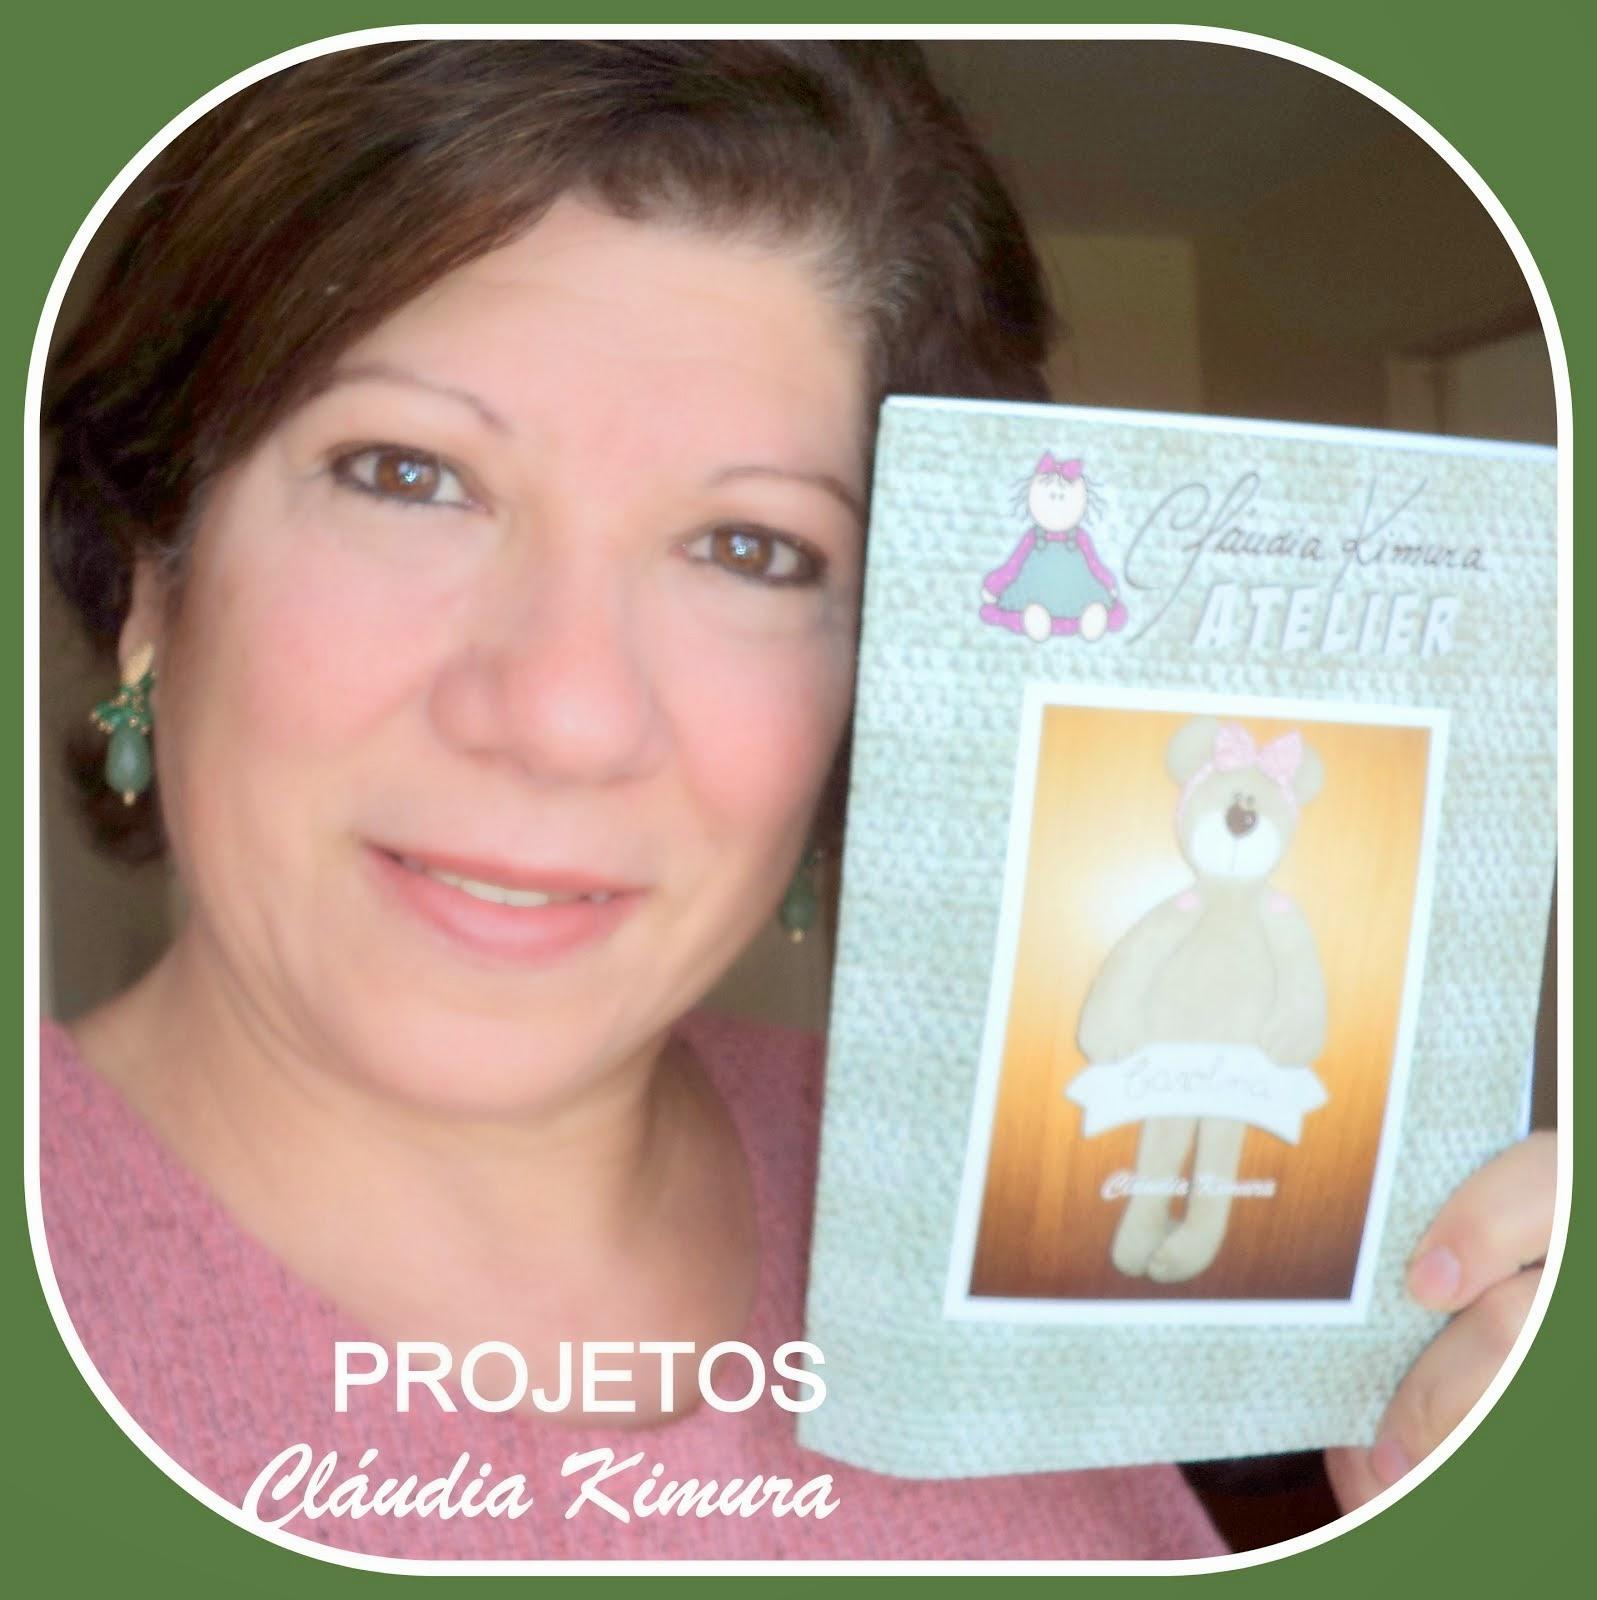 PROJETOS-Cláudia Kimura